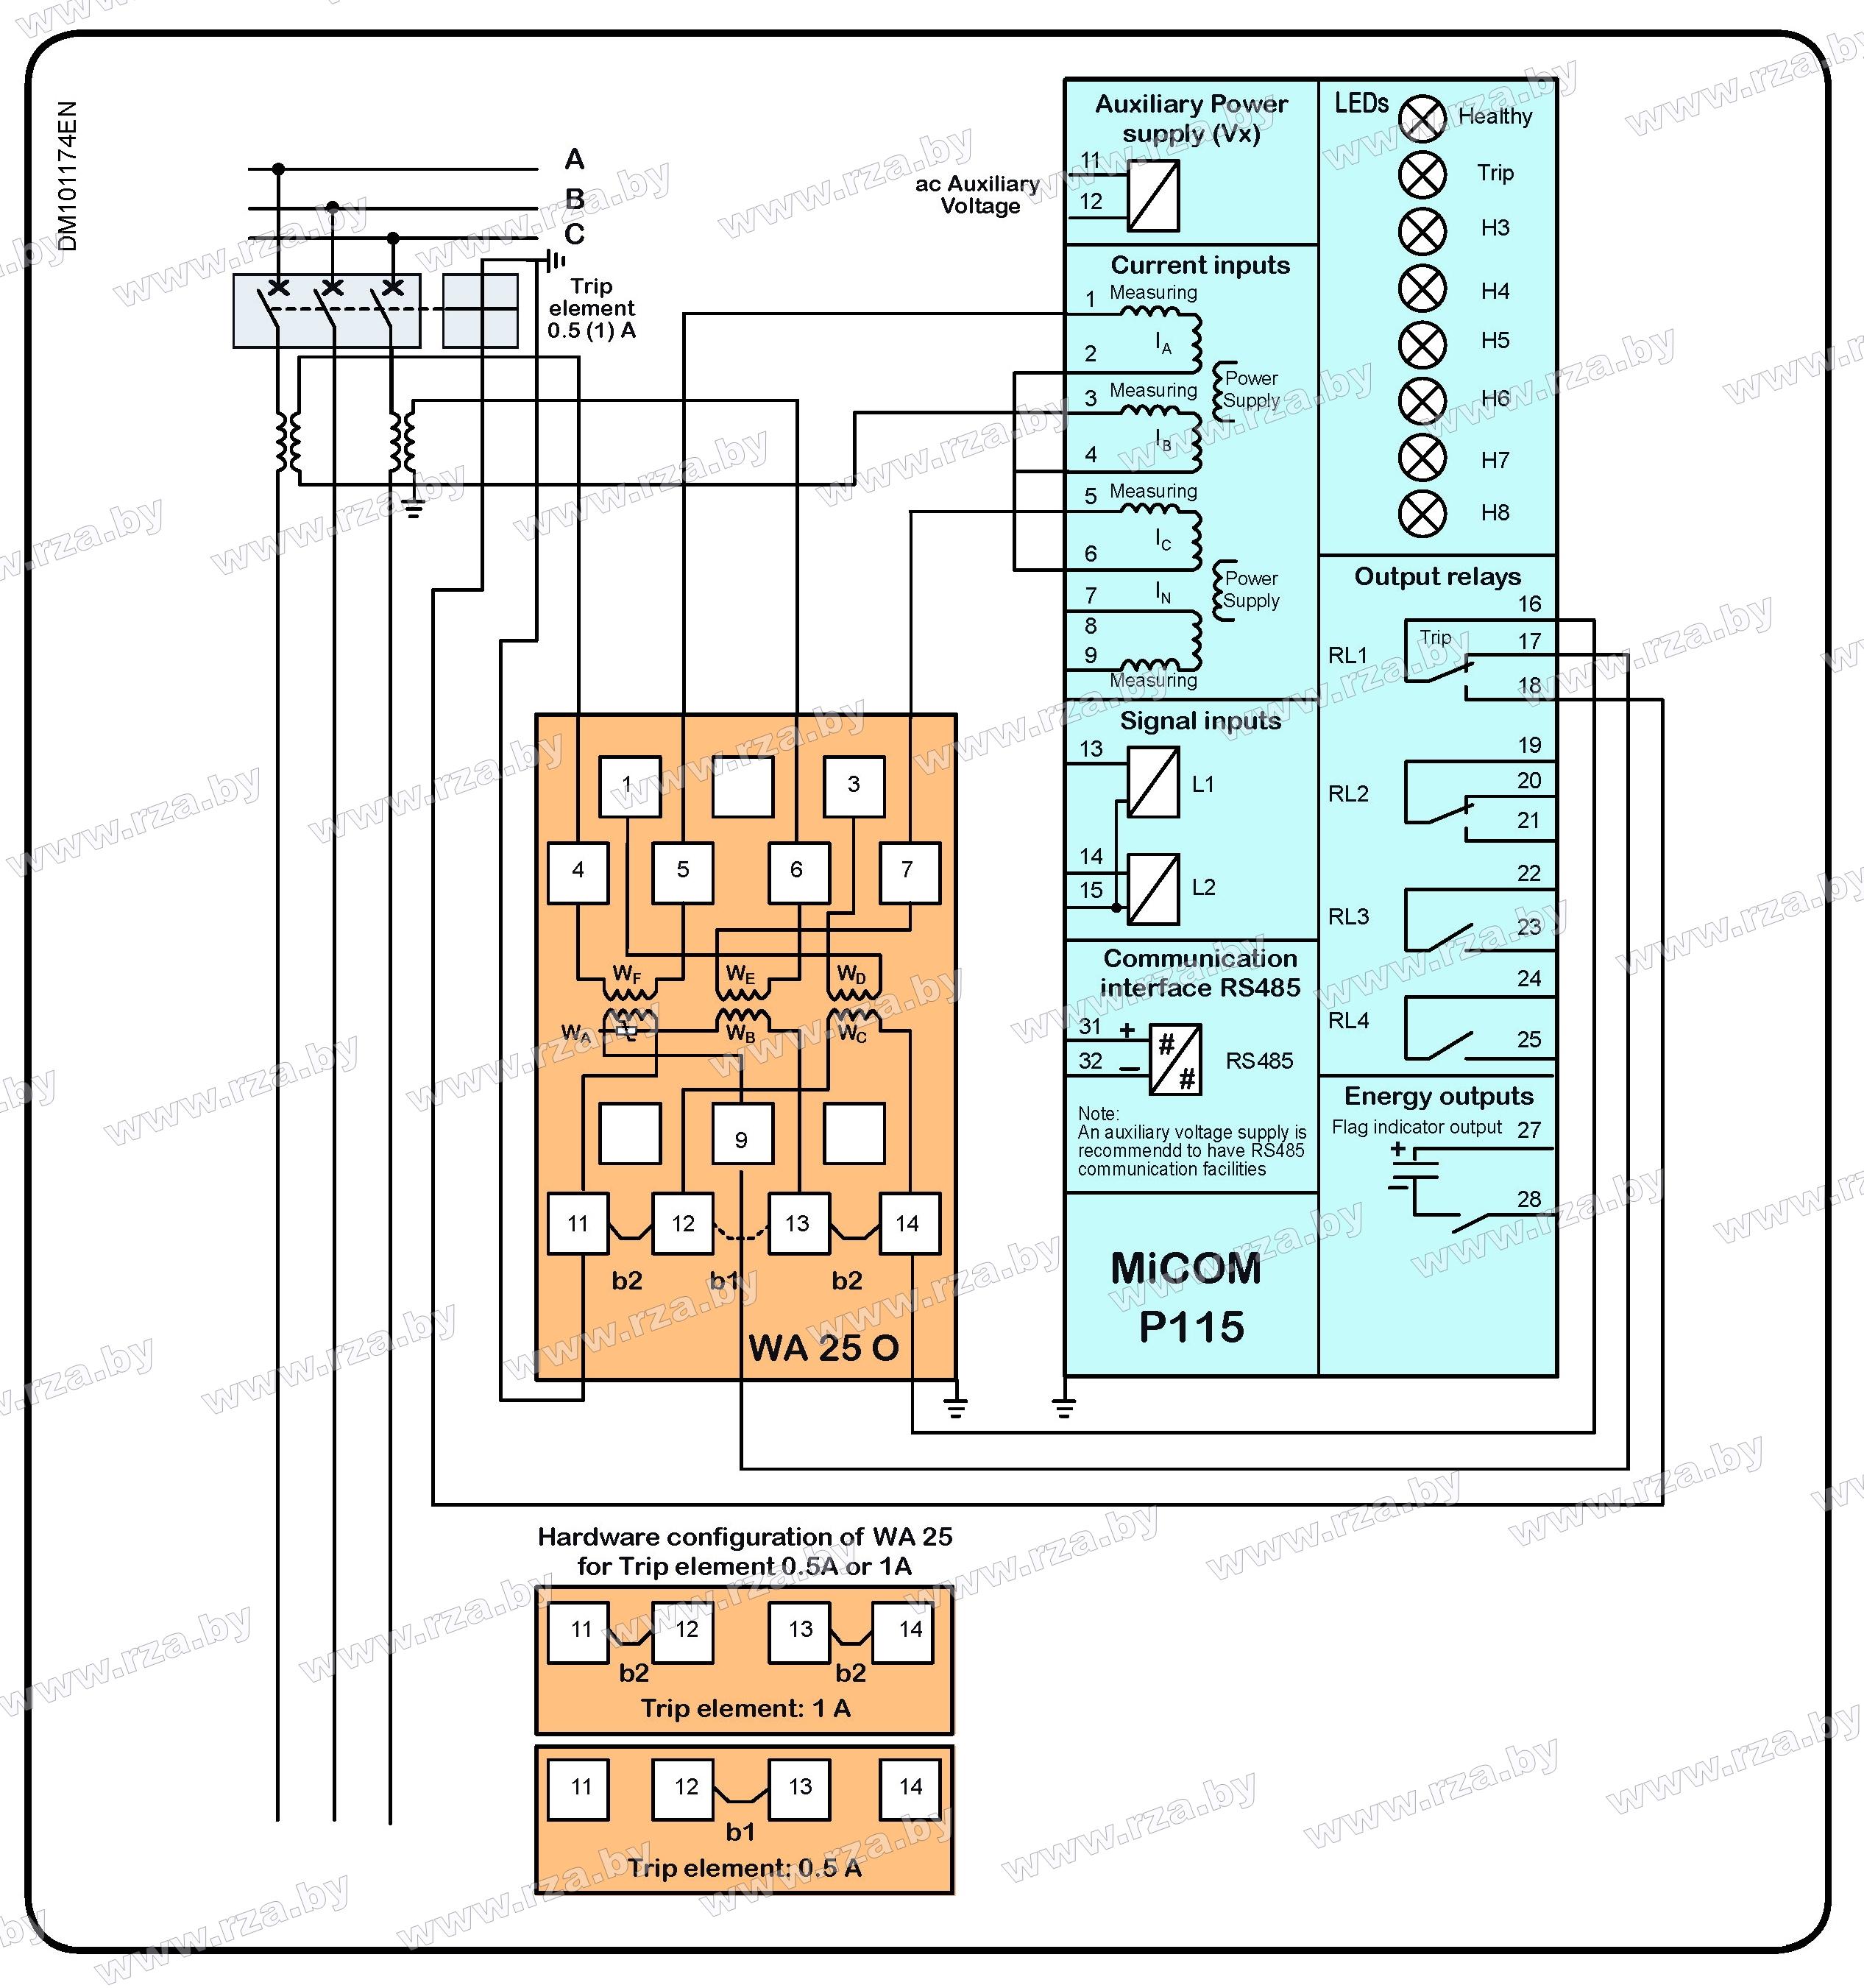 Micom схема подключения